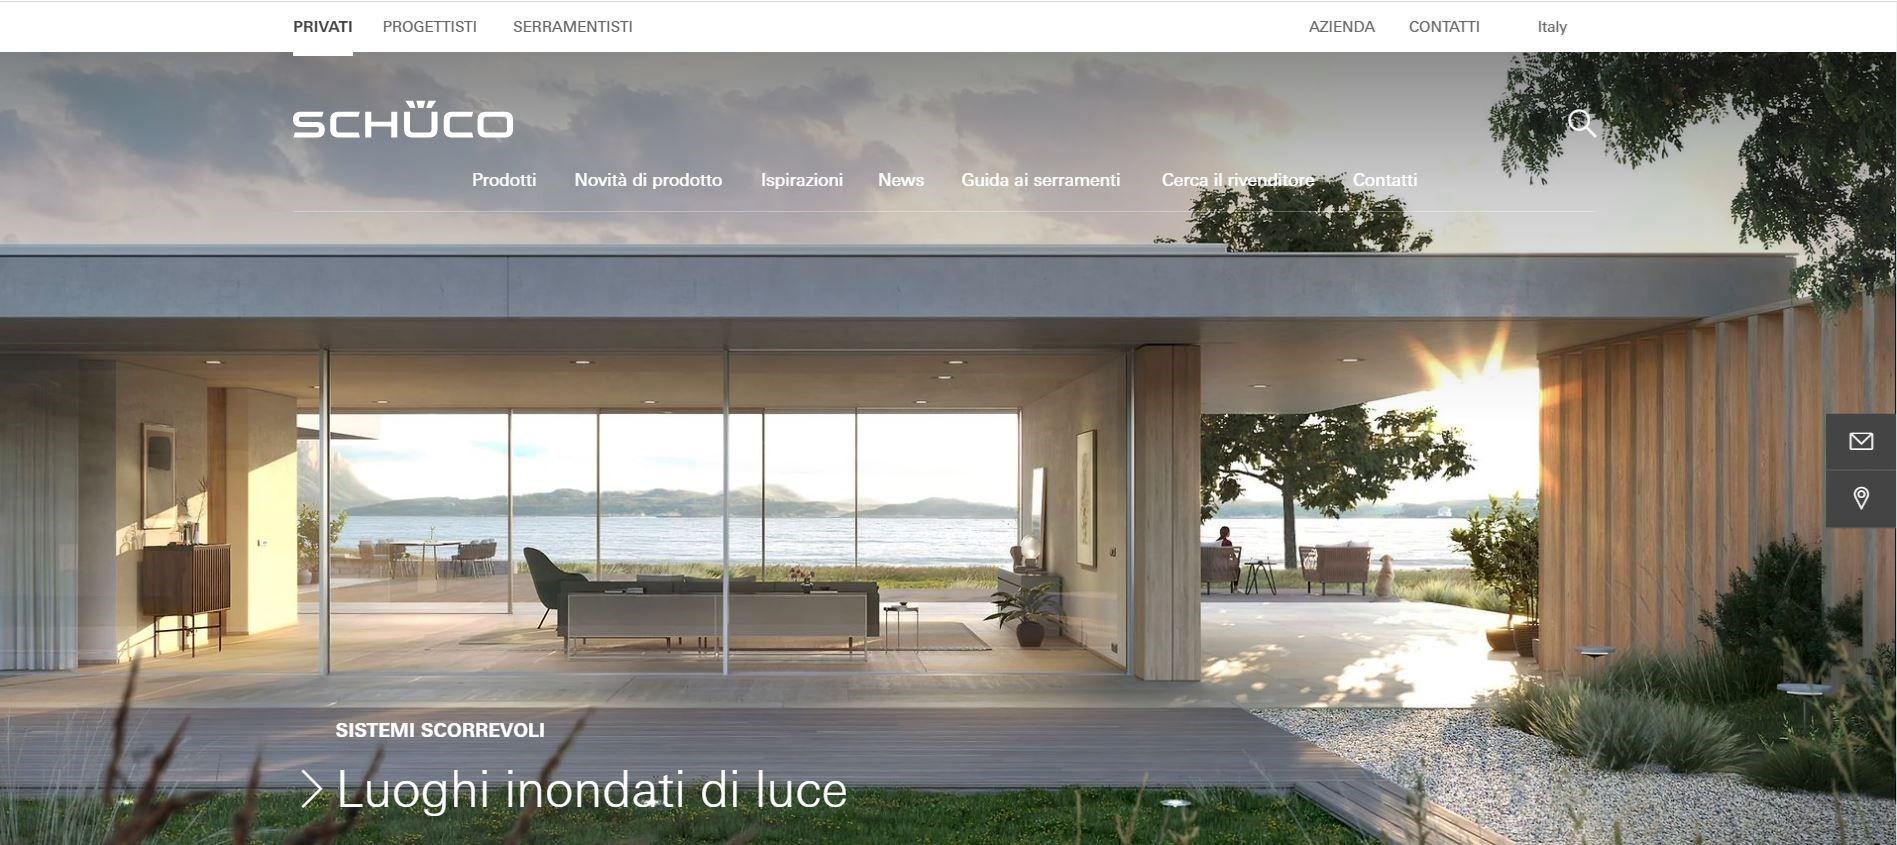 Schüco Italia: una nuova esperienza, interattiva e moderna, in un sistema digitale integrato e sinergico